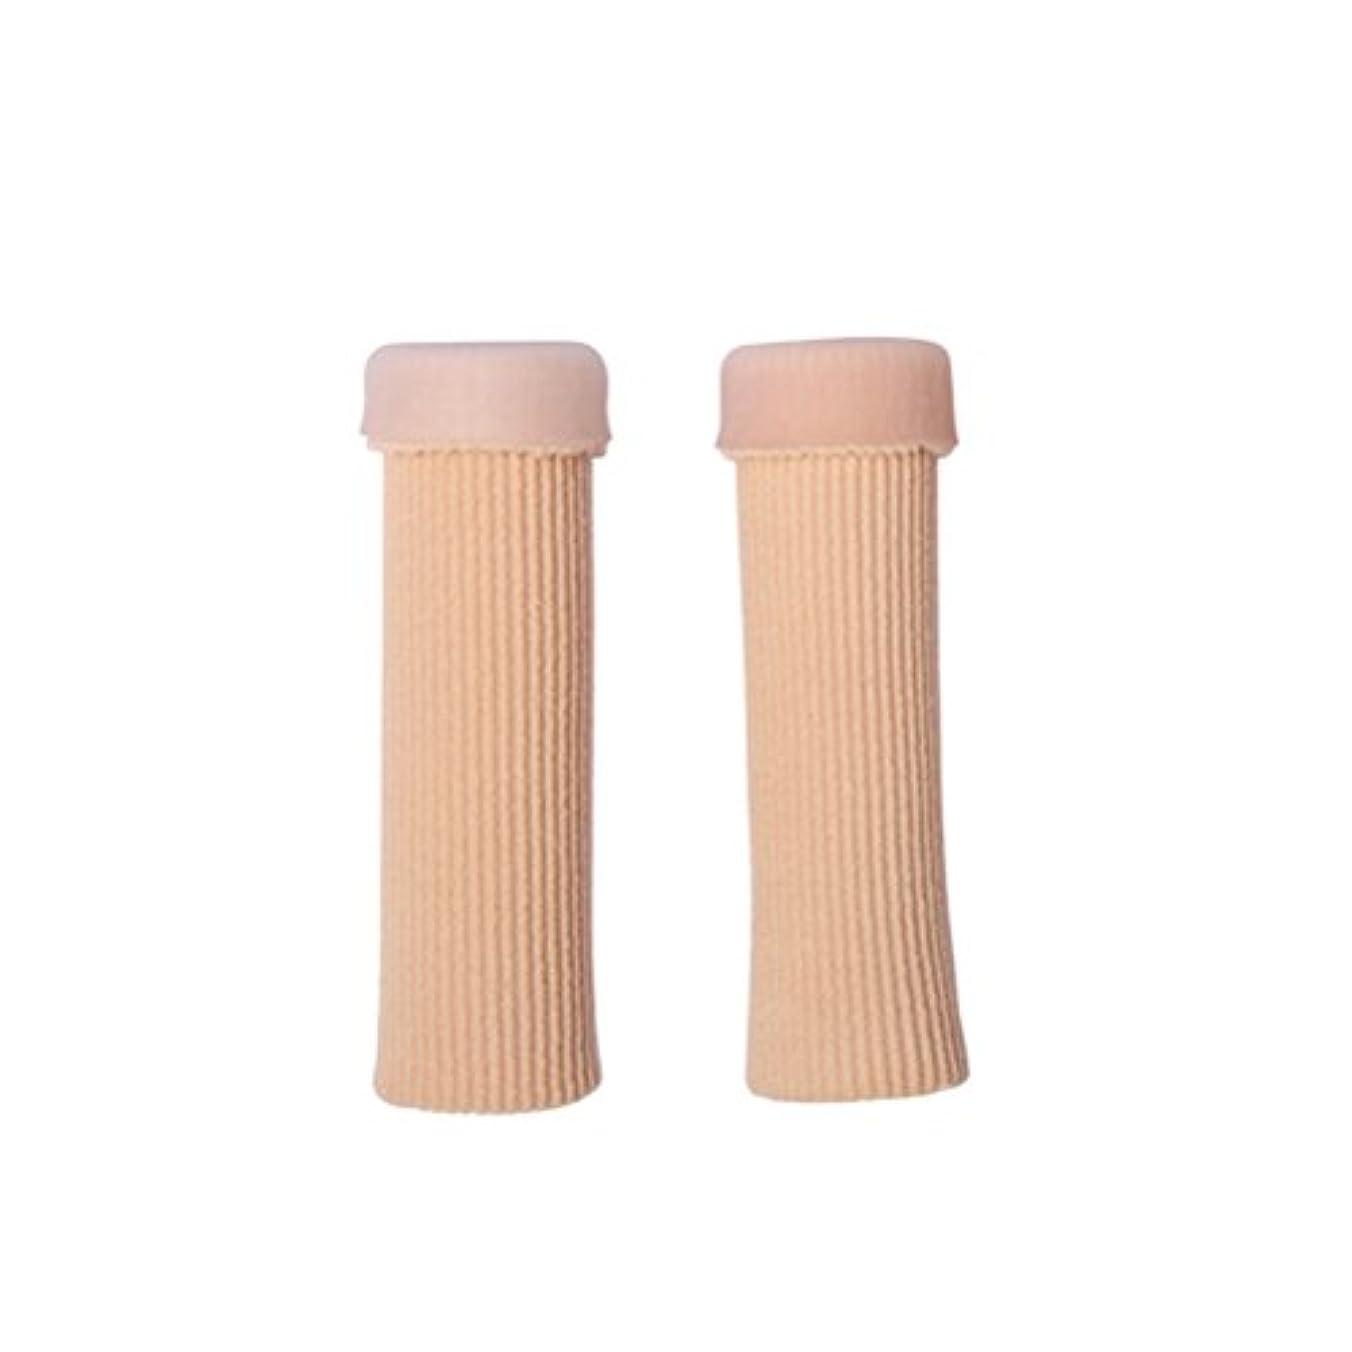 シャイニング悪質なピジンHEALIFTY 2個10 CM指のつま先の創傷保護スリーブの治療足のコーンとカルスモイスチャライジング痛みを伴う足のケアを減らす